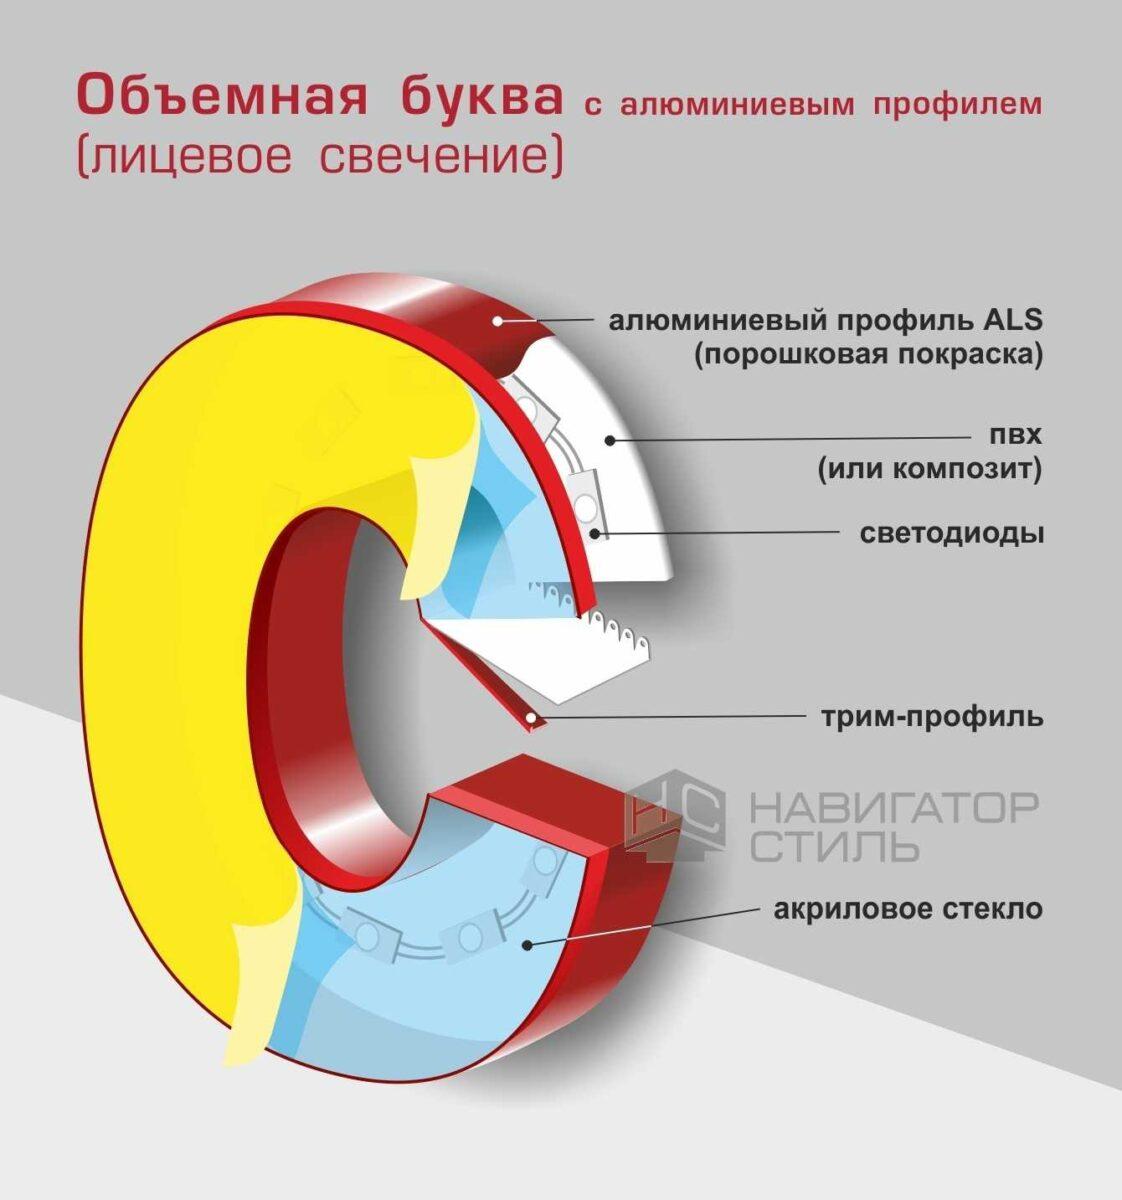 Объемная буква алюминиевый профиль